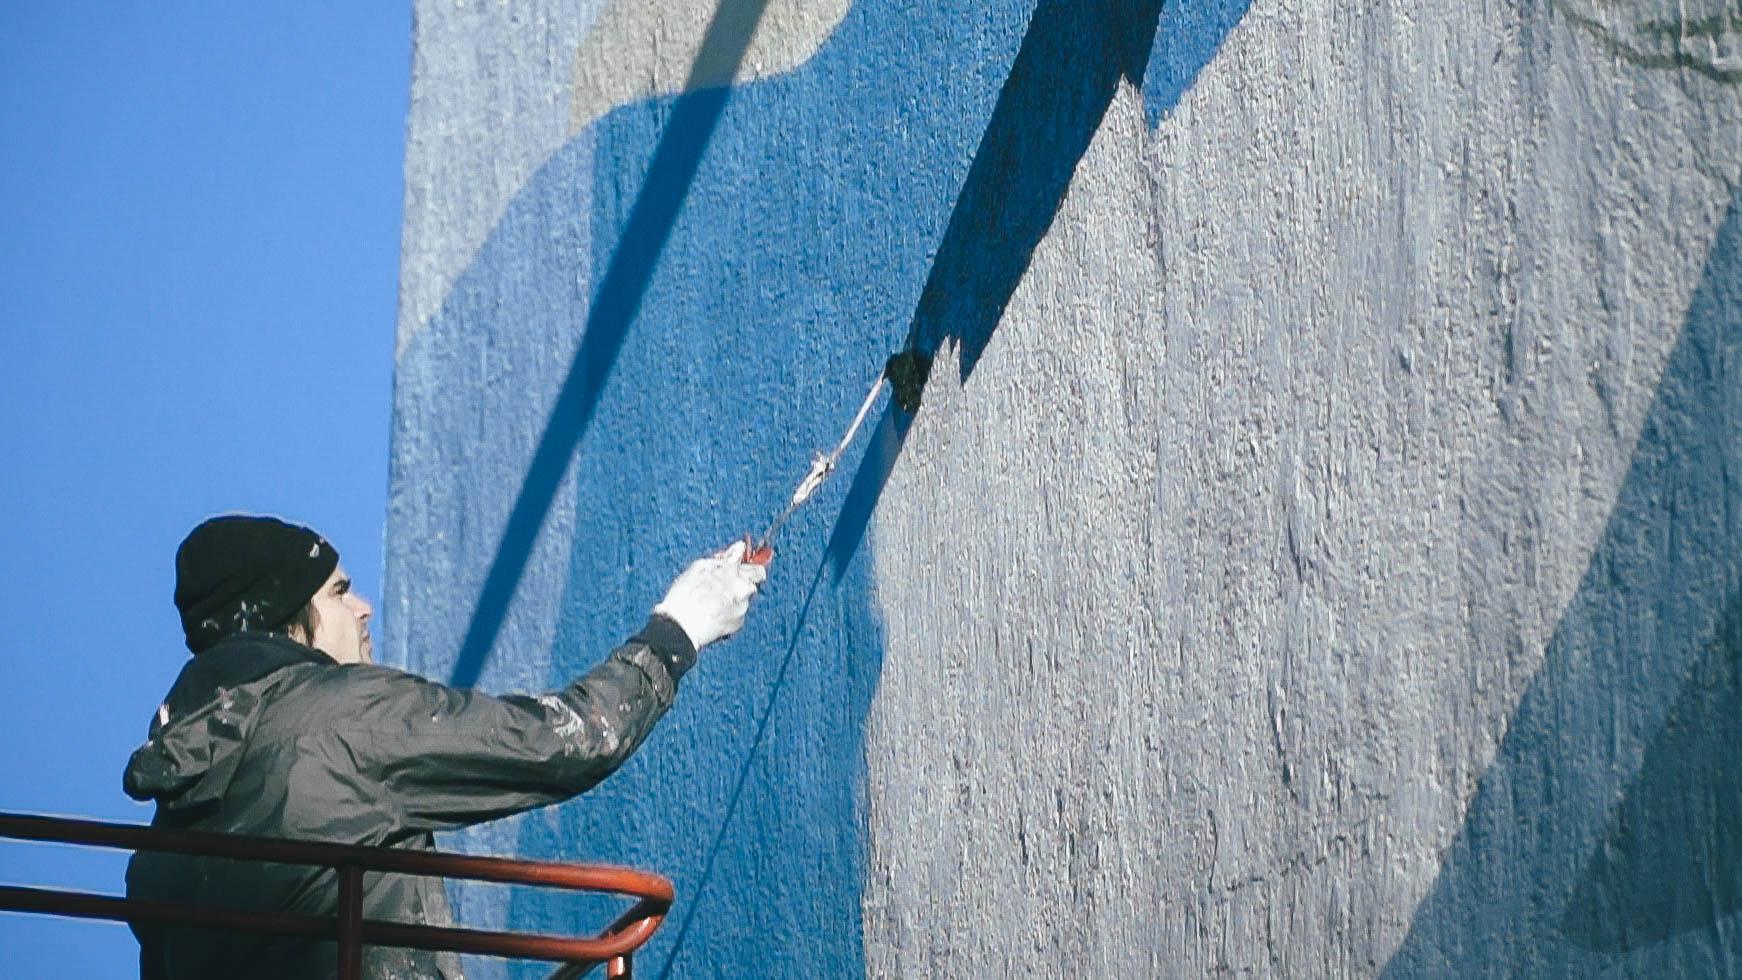 Blo new mural in Perpignan, France Artes & contextos D Clip0099.MXF .22 53 30 22.Image